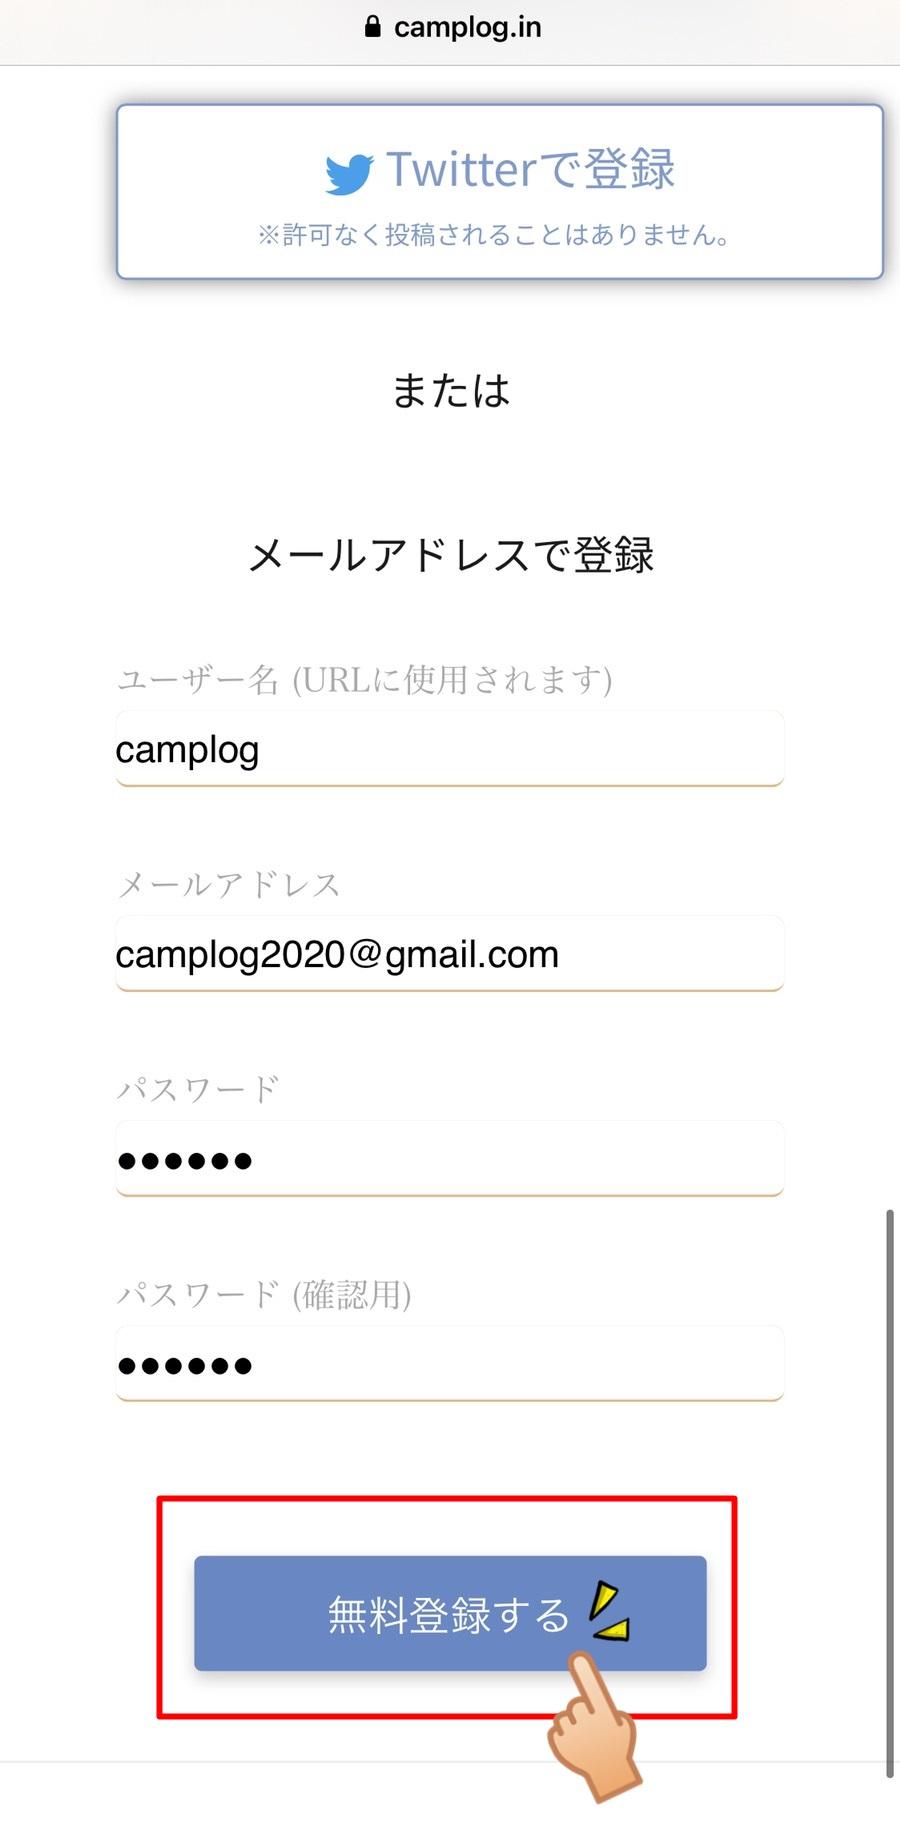 メールアドレスで登録する